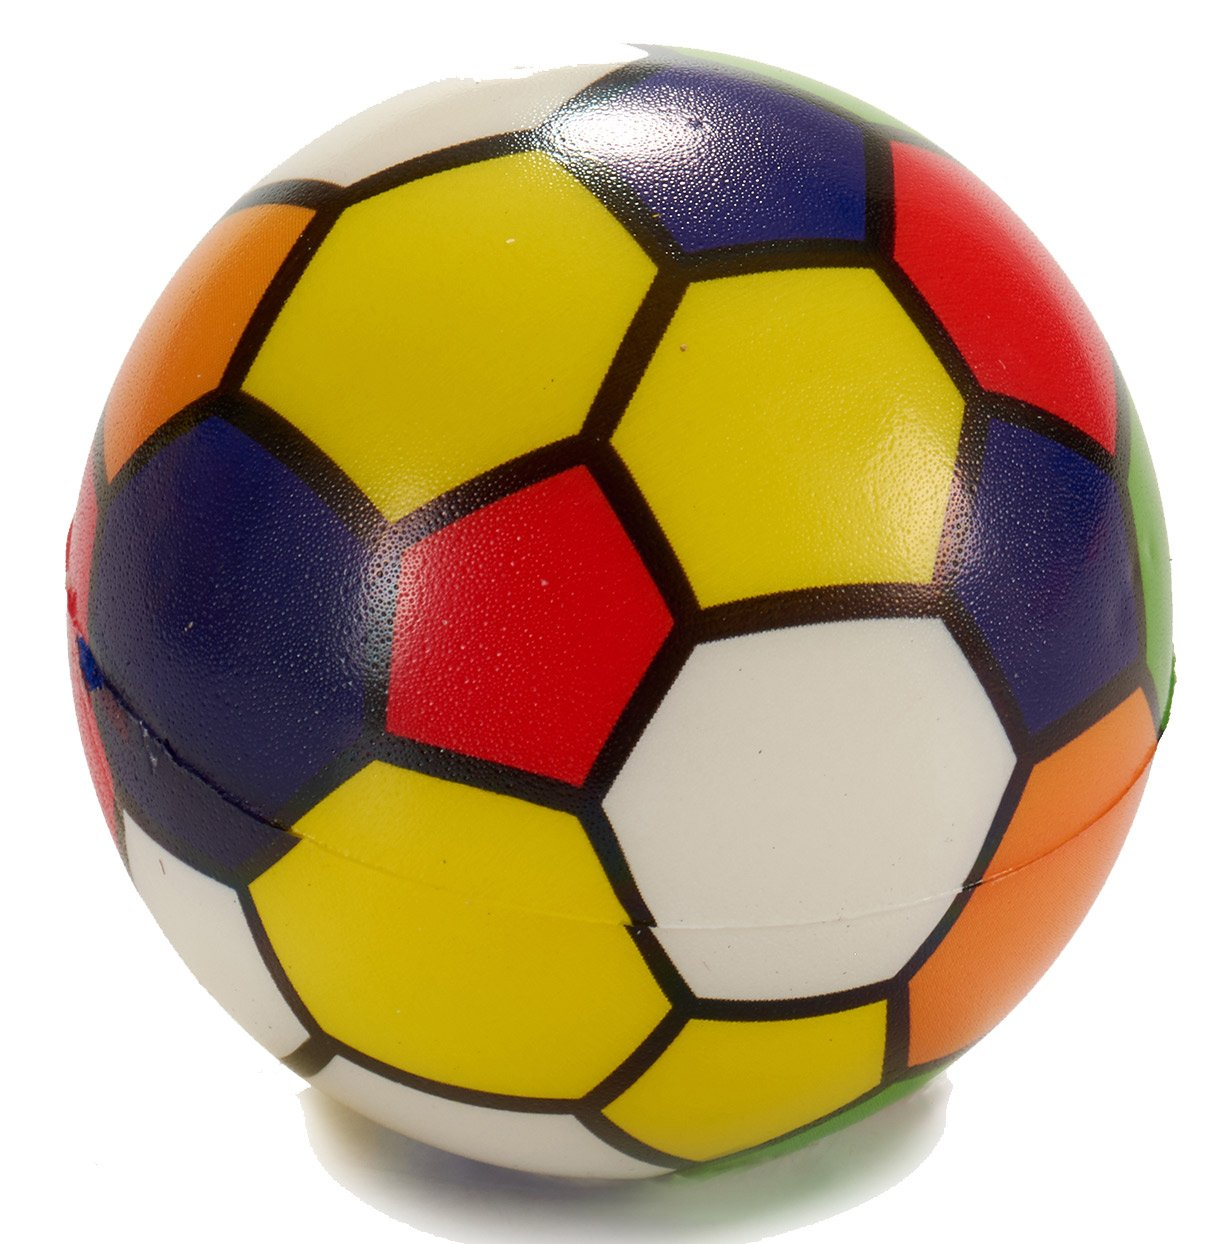 ArteRegal Pelota Anti Stress, 7 cm 52984: Amazon.es: Juguetes y juegos